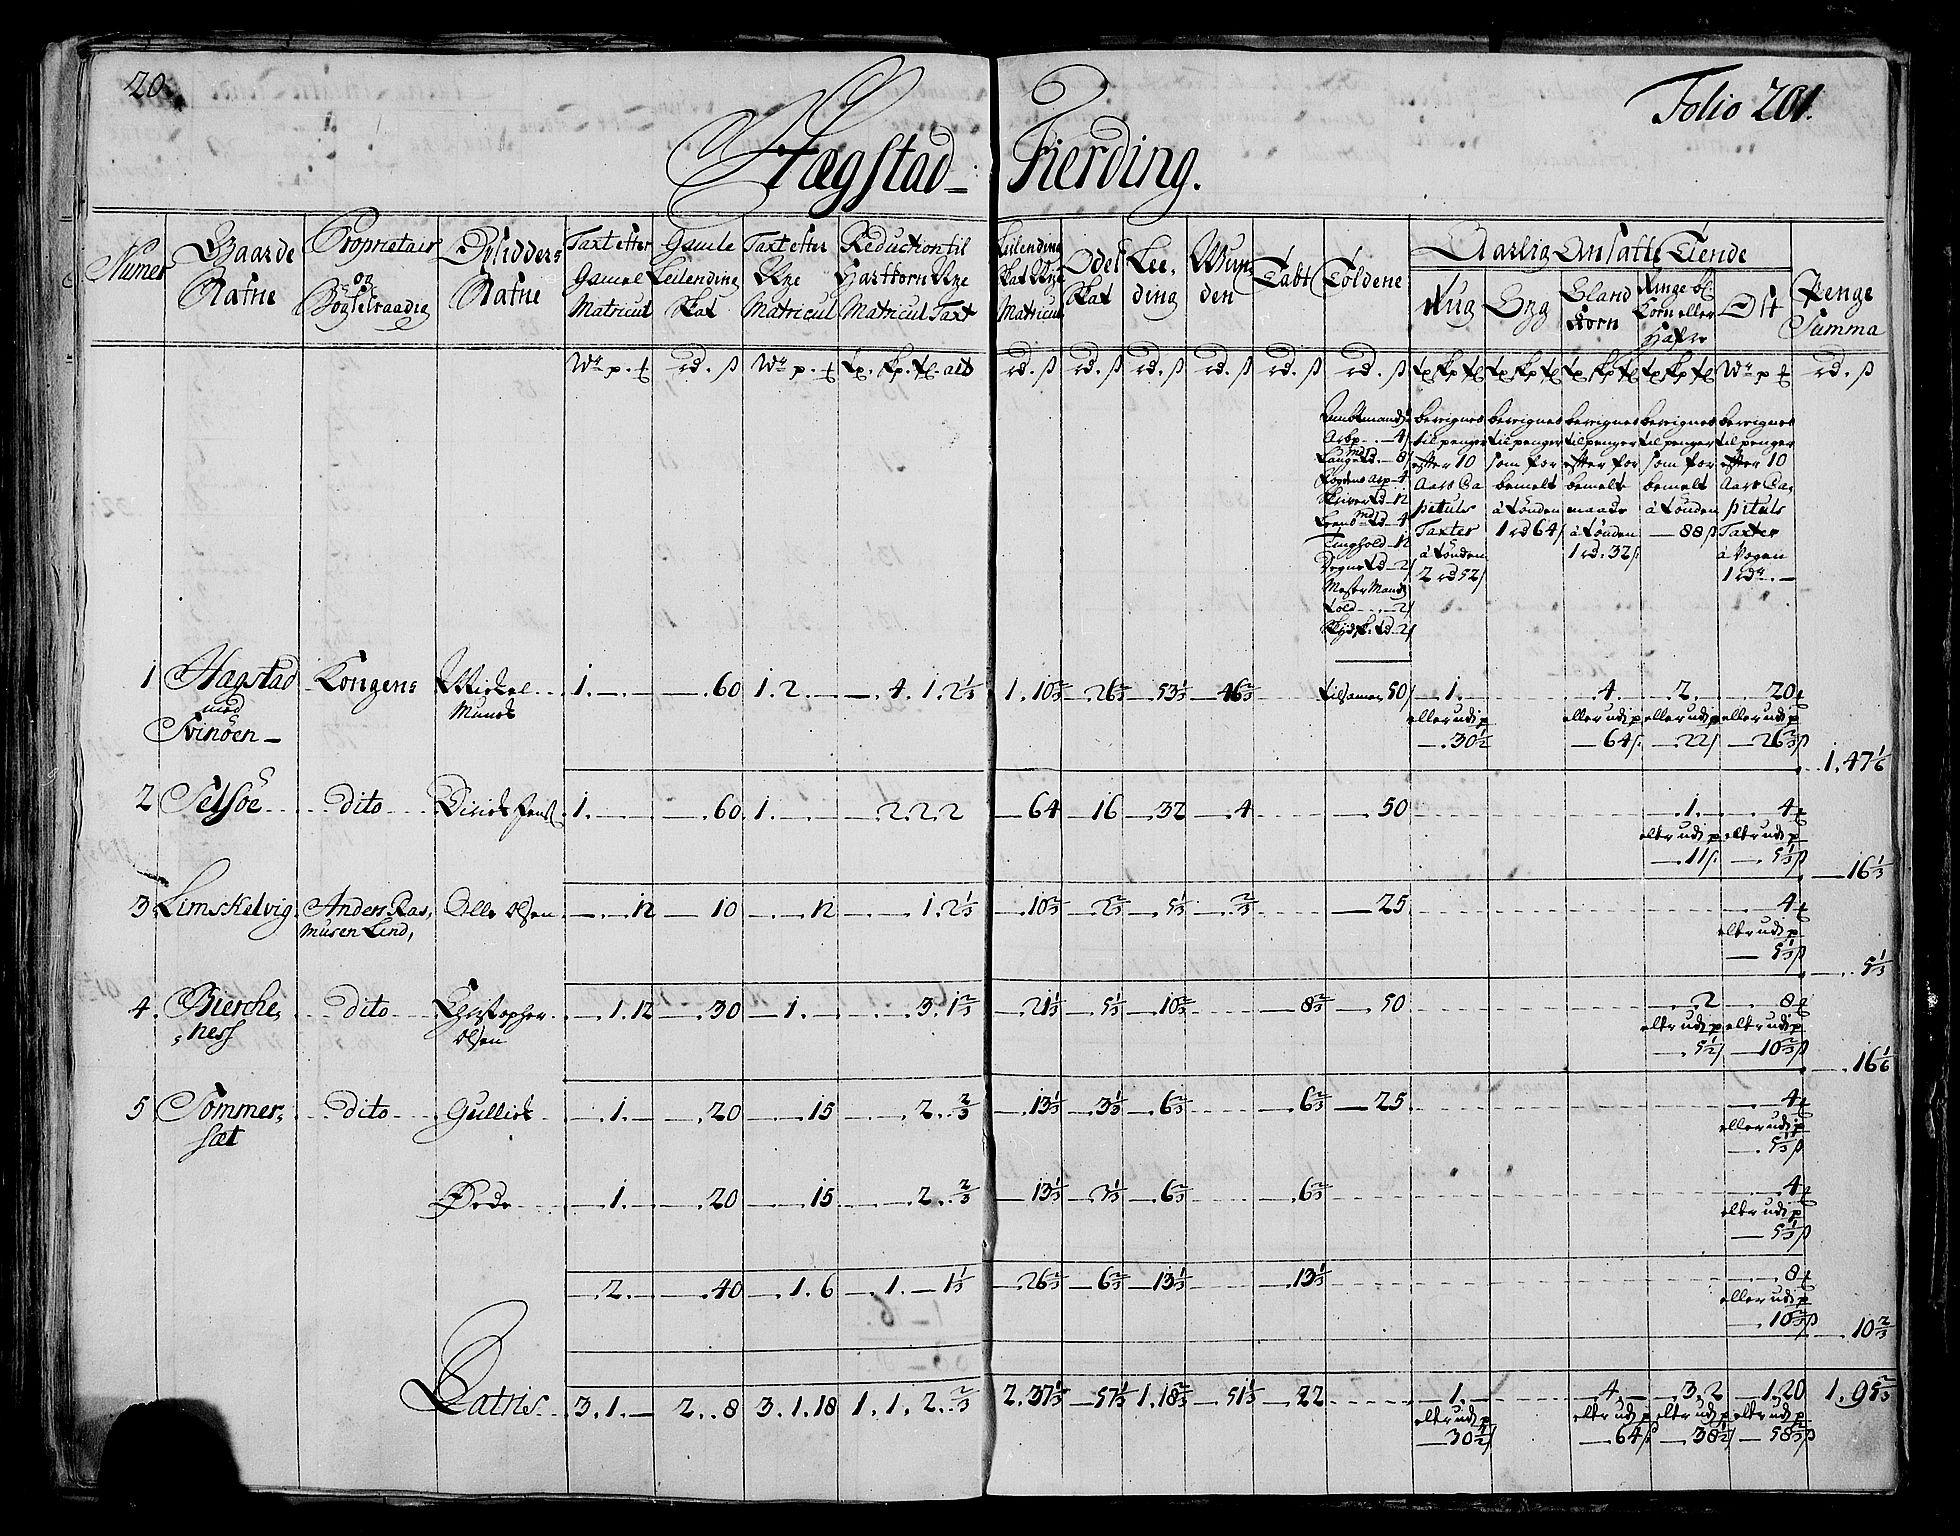 RA, Rentekammeret inntil 1814, Realistisk ordnet avdeling, N/Nb/Nbf/L0173: Salten matrikkelprotokoll, 1723, s. 200b-201a